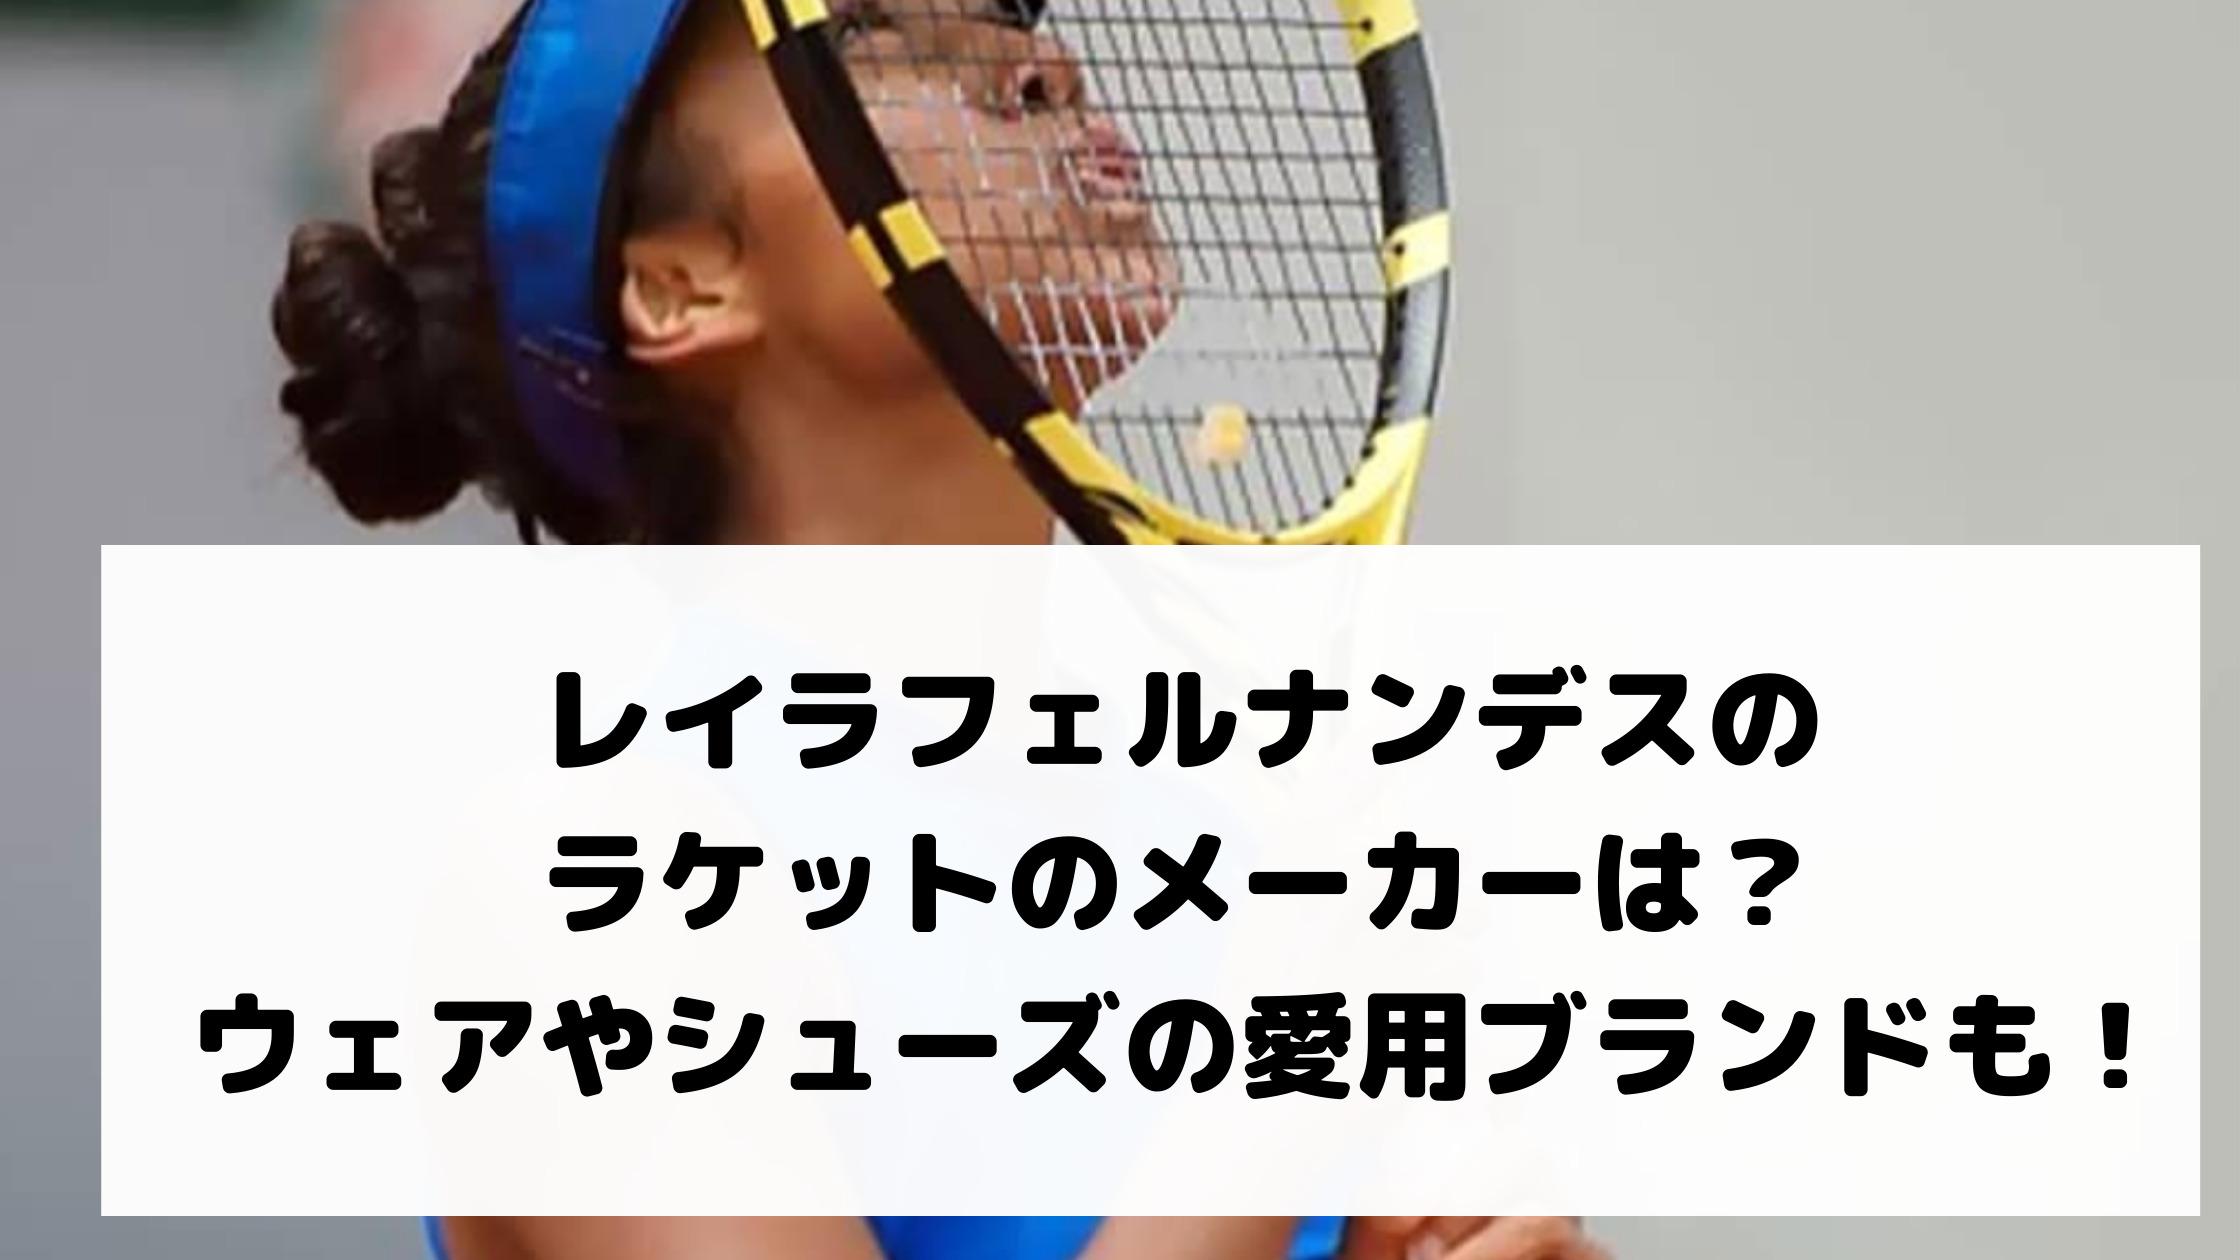 レイラフェルナンデスのラケットのメーカーは?ウェアやシューズの愛用ブランドも!